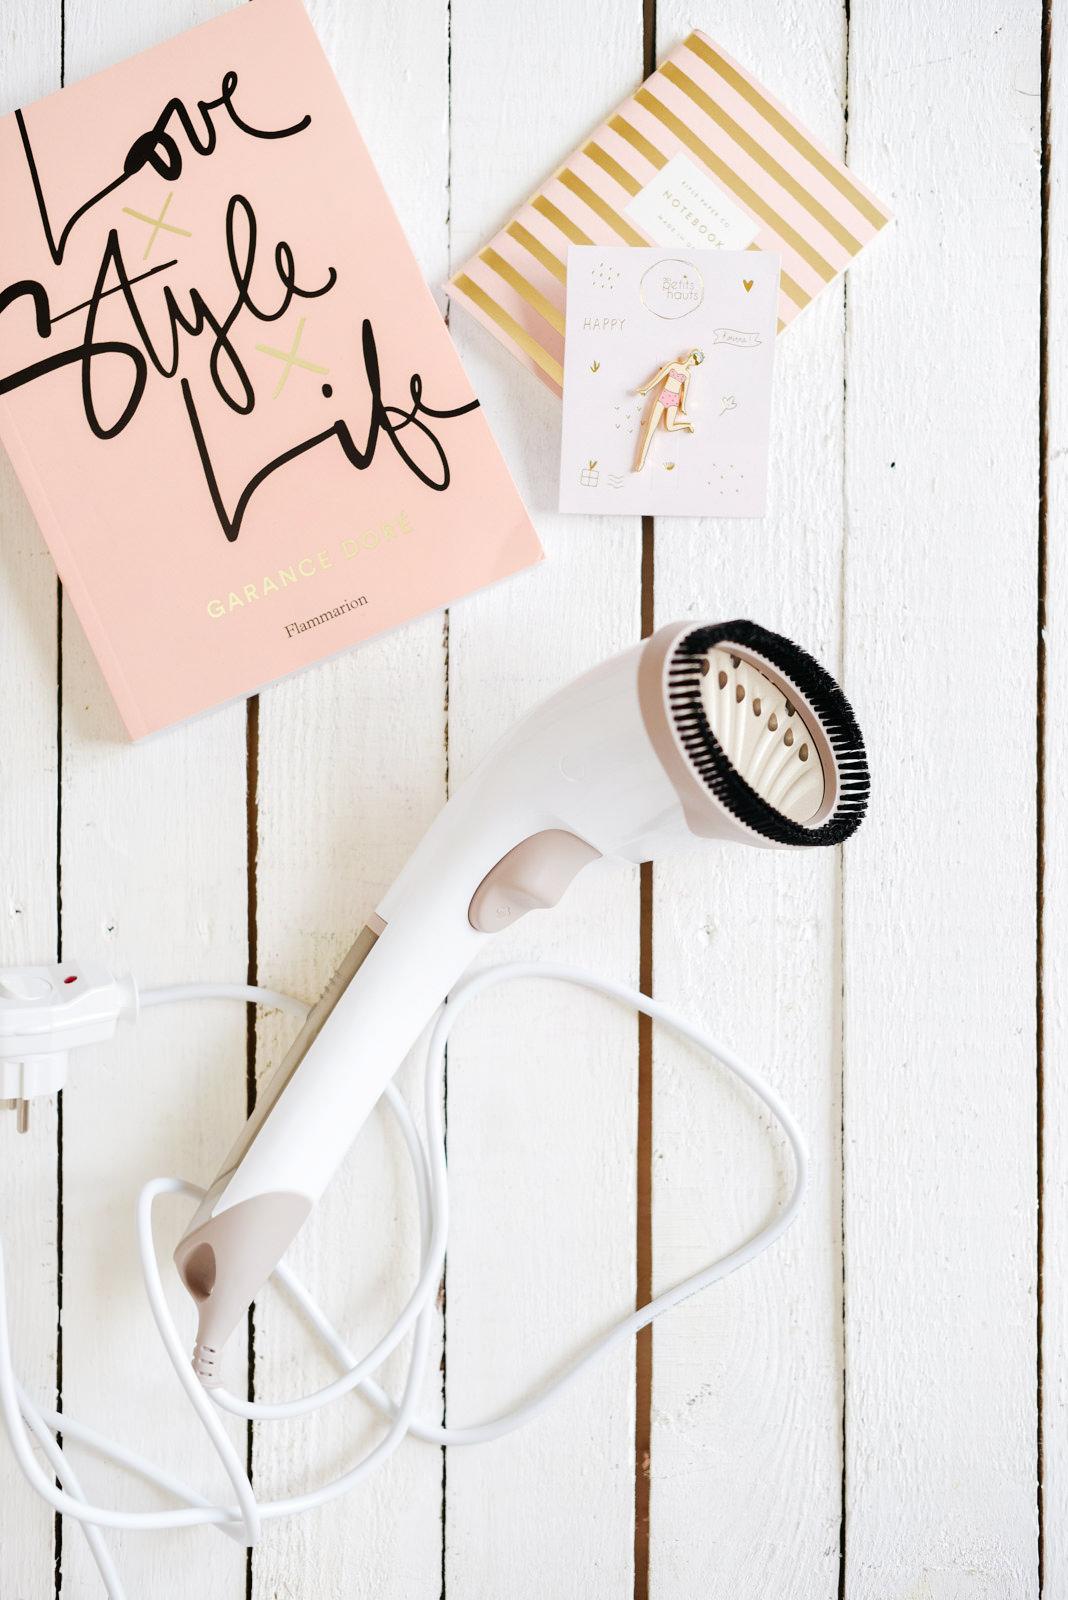 Blog-Mode-And-the-City-Lifestyle-Cadeaux-Anniversaire-28-ans-24